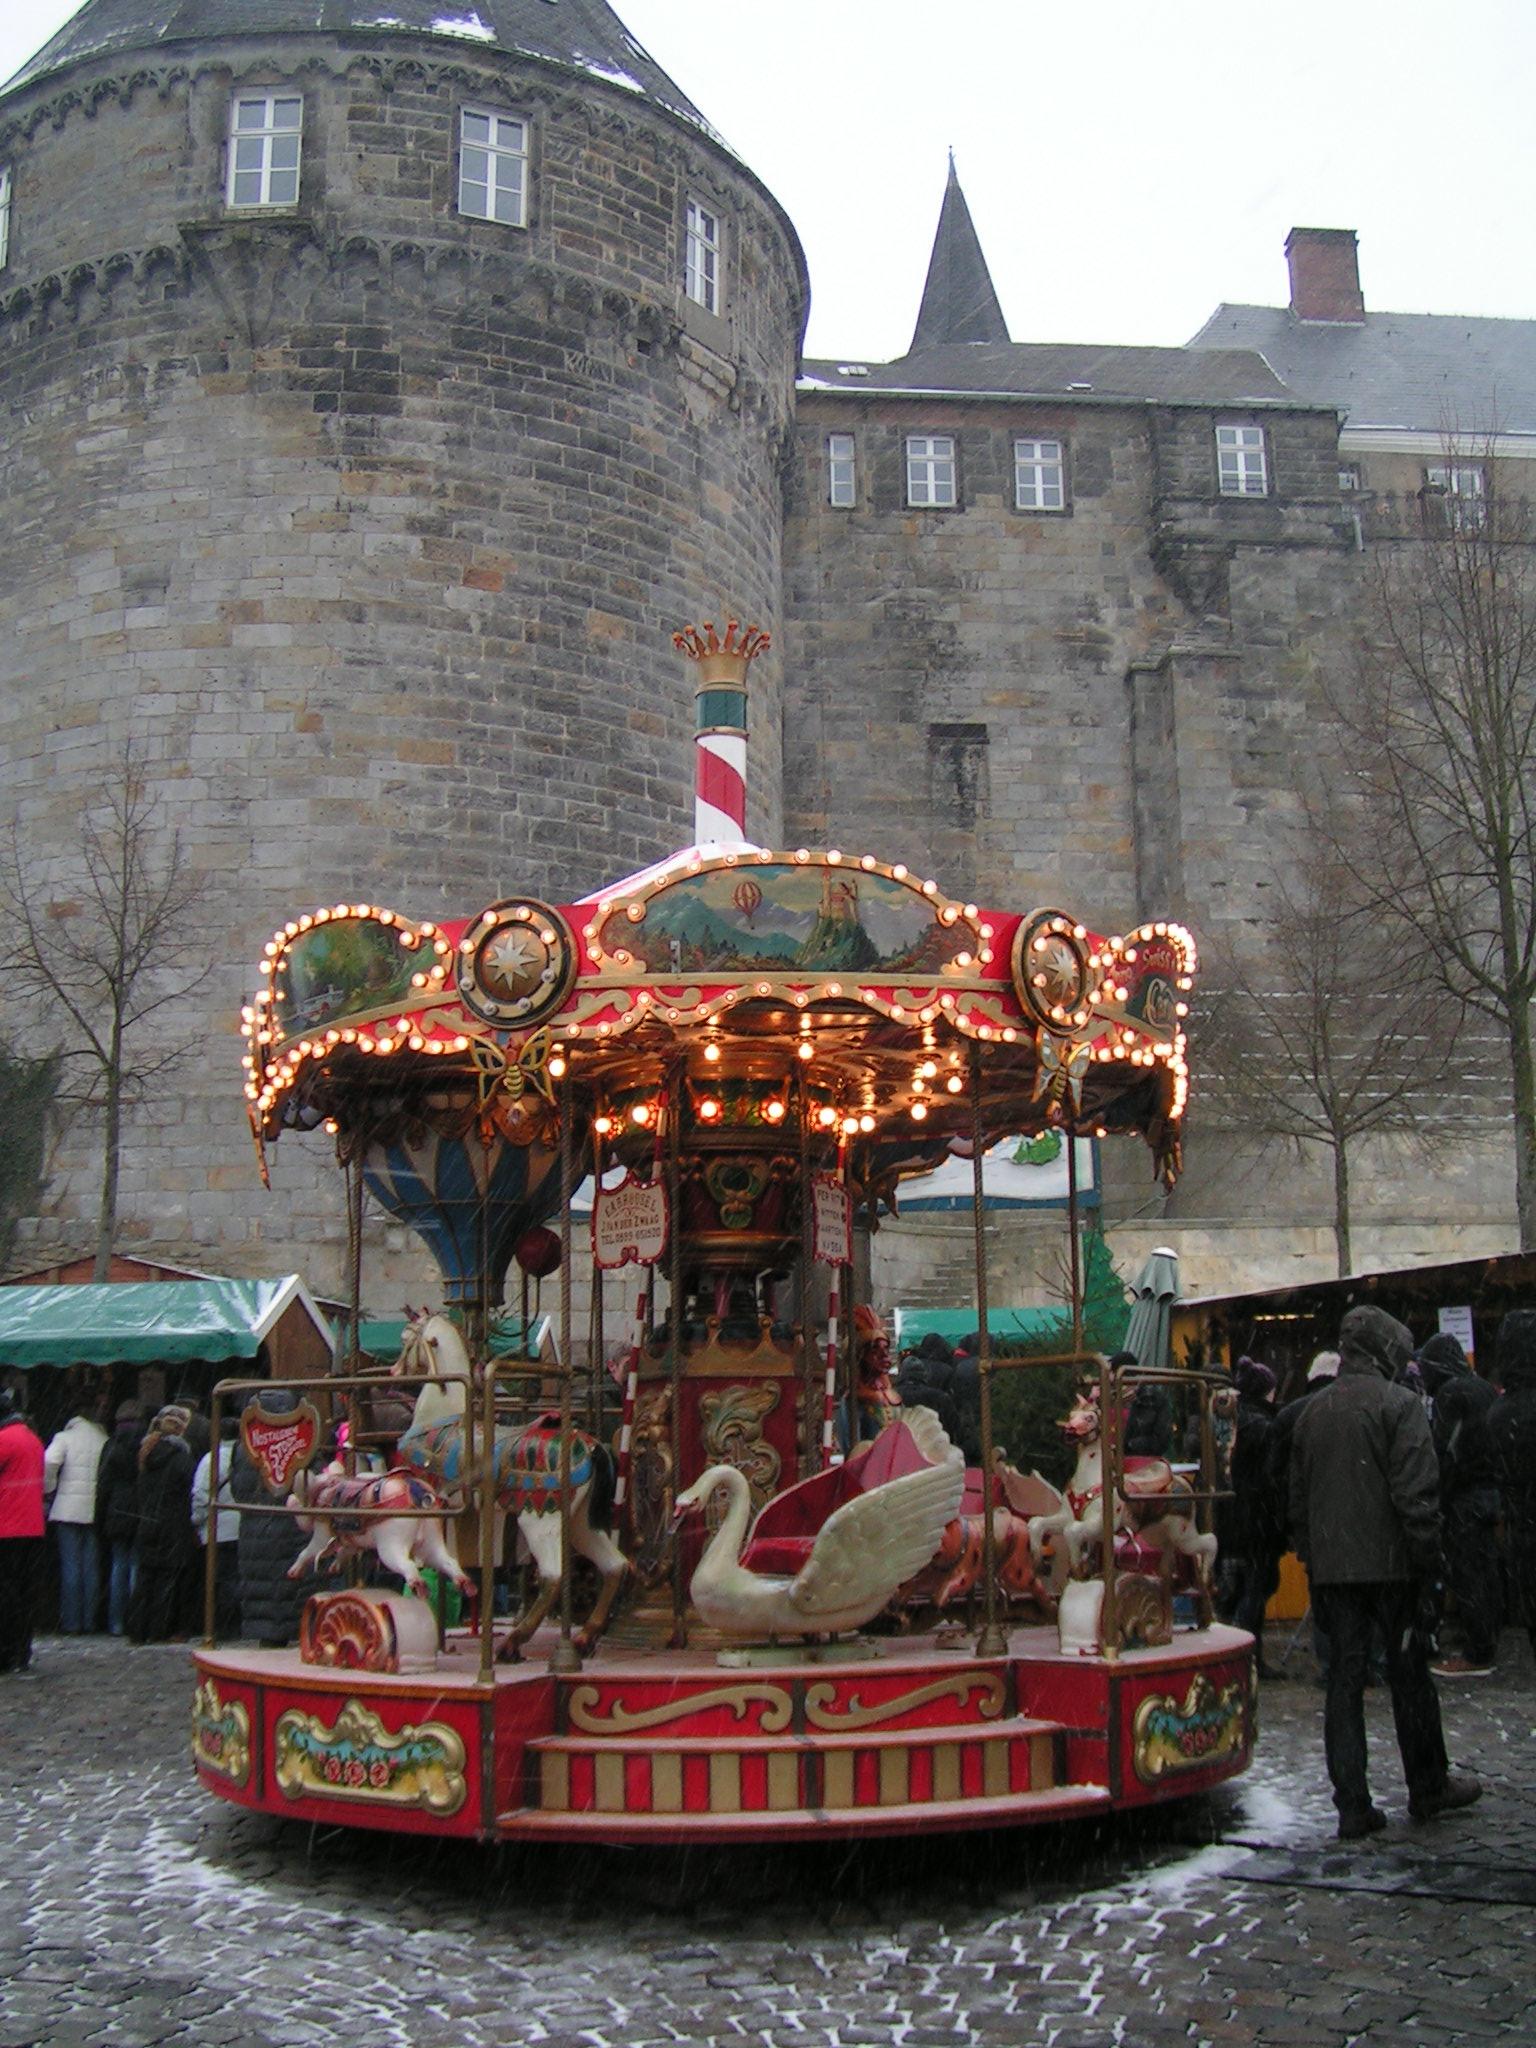 Weihnachtsmarkt Bad Bentheim.Datei Bad Bentheim Weihnachtsmarkt Karussell Jpg Wikipedia